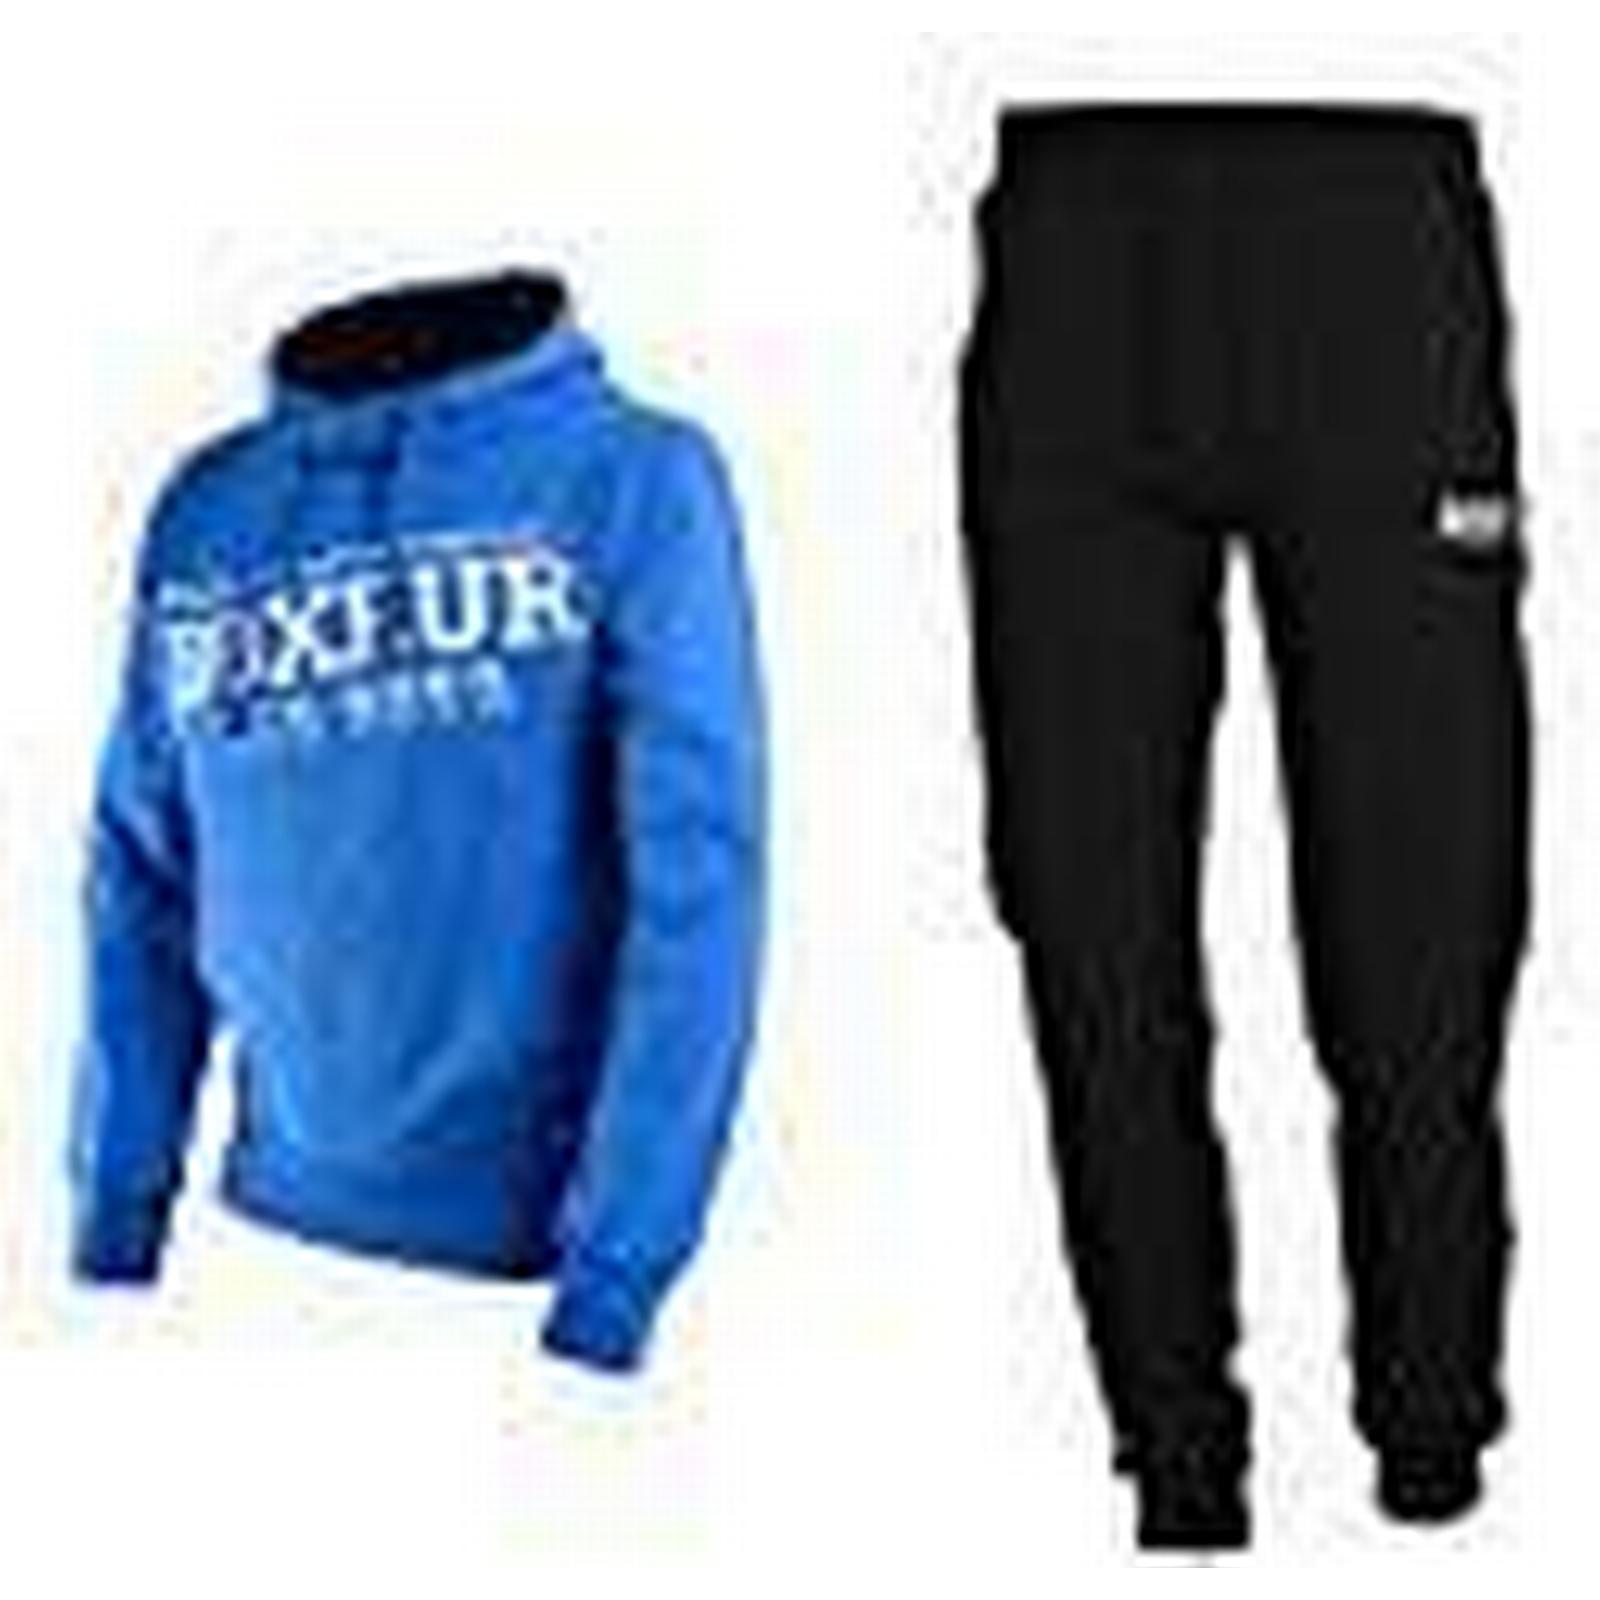 Boxeur Des - Rues Men BXT-T100 Suit - Des Royal, Large 6e4eab